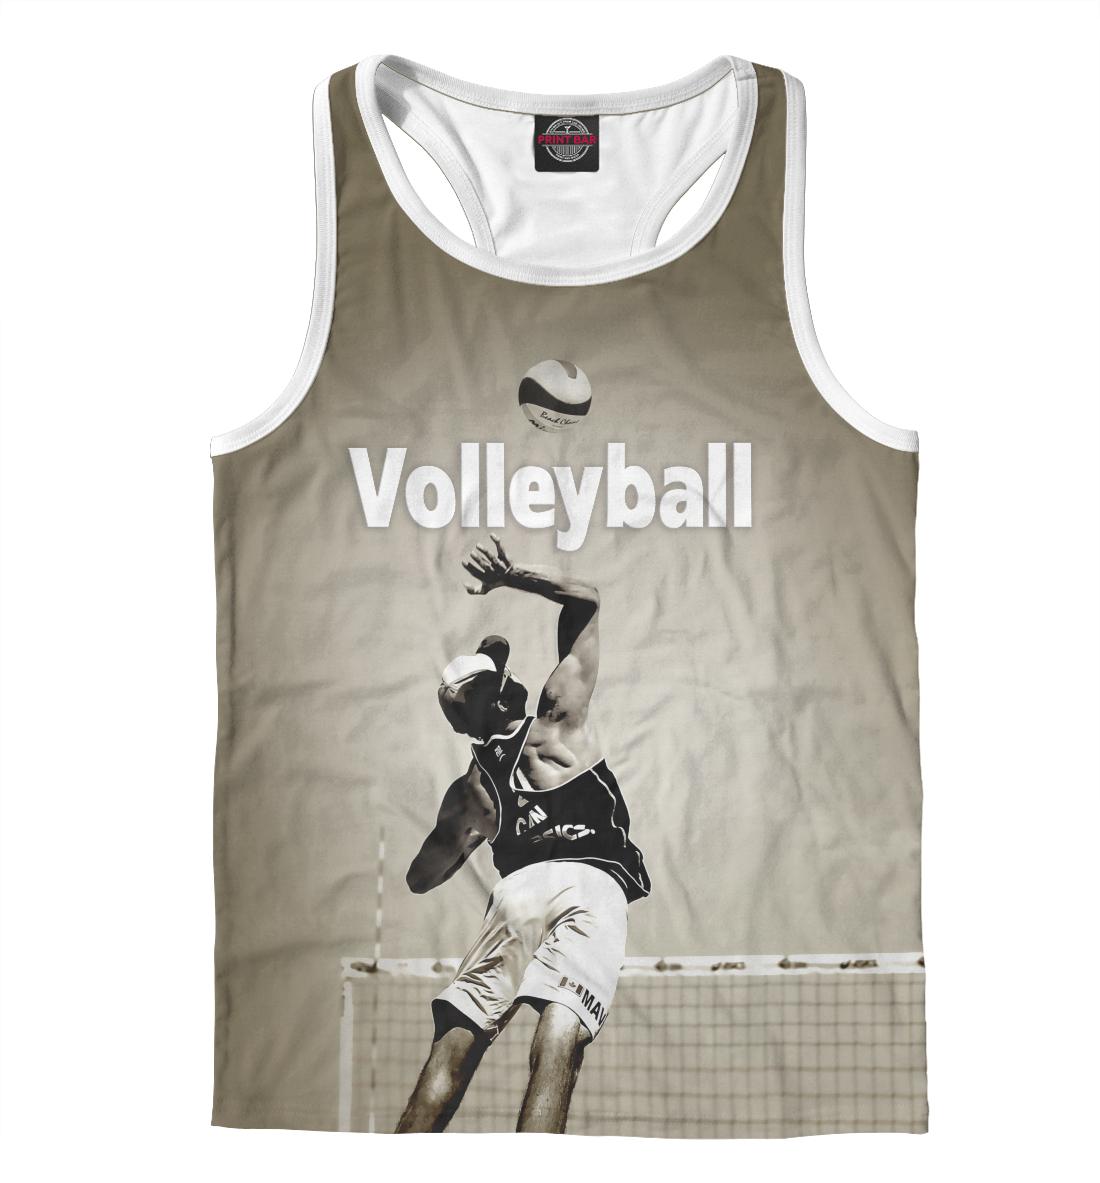 Купить Volleyball, Printbar, Майки борцовки, VLB-266074-mayb-2